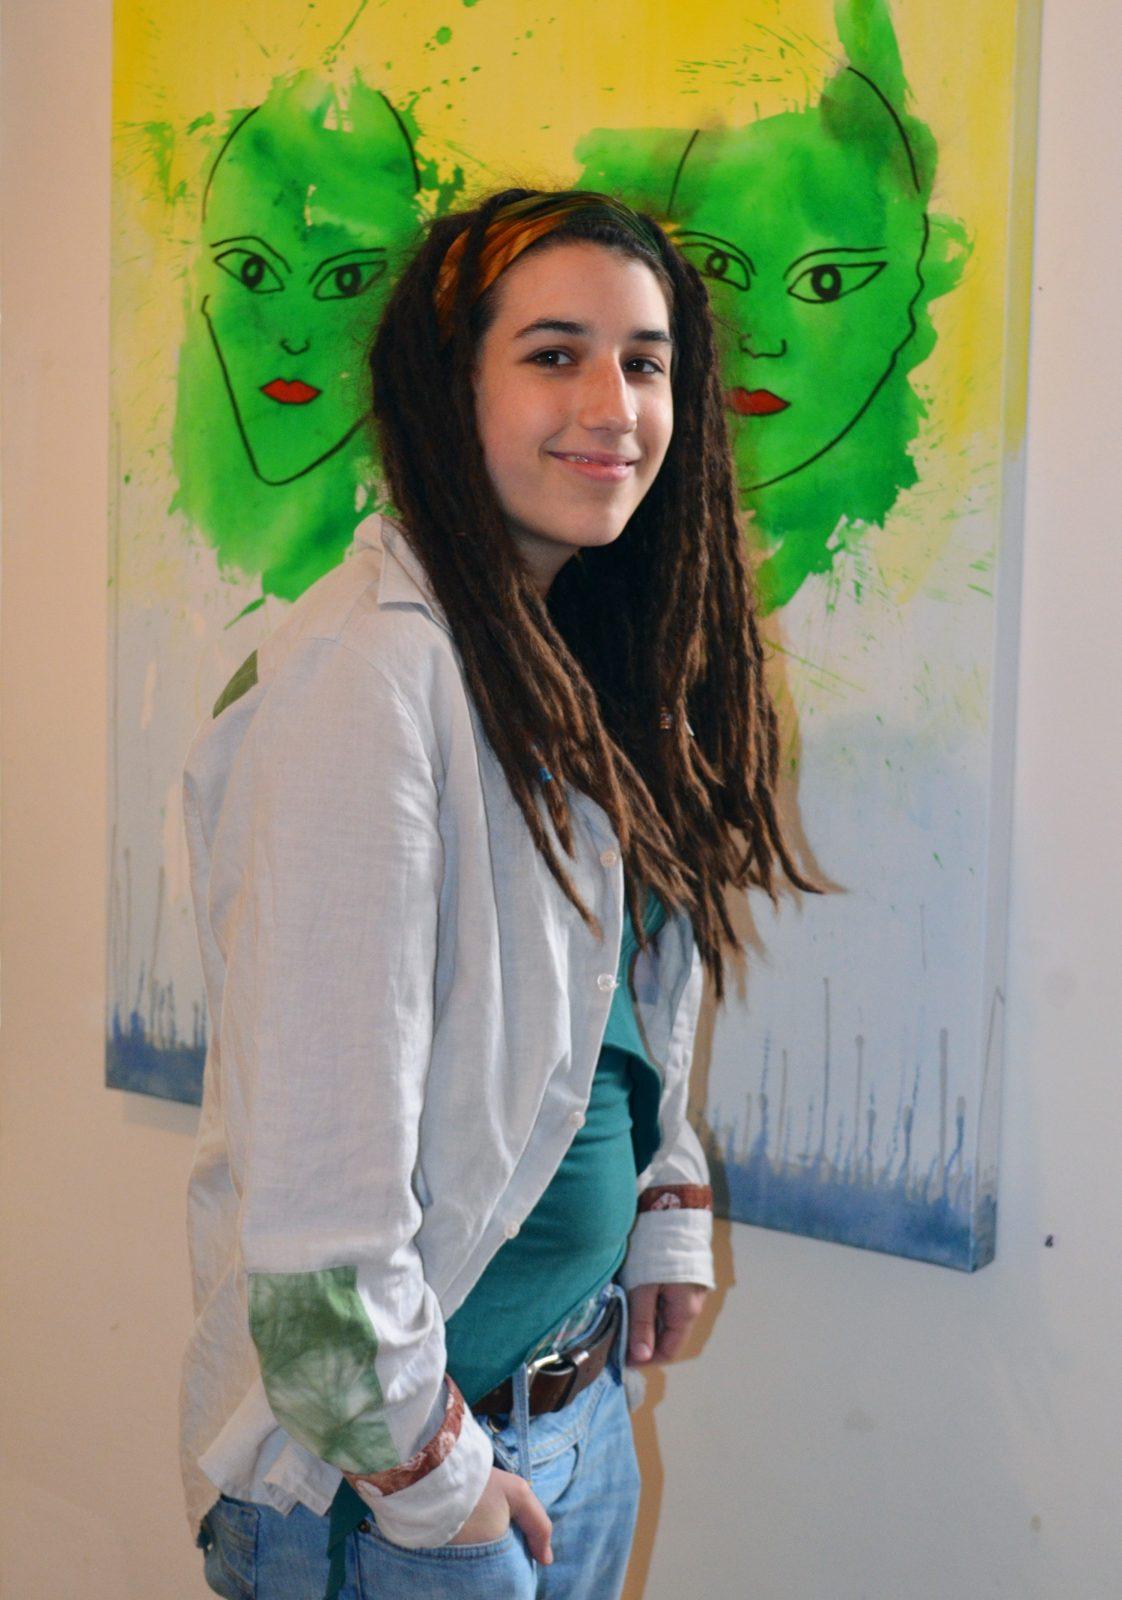 NÖ Waldviertel Galerie Kunst - Nora Eckhart